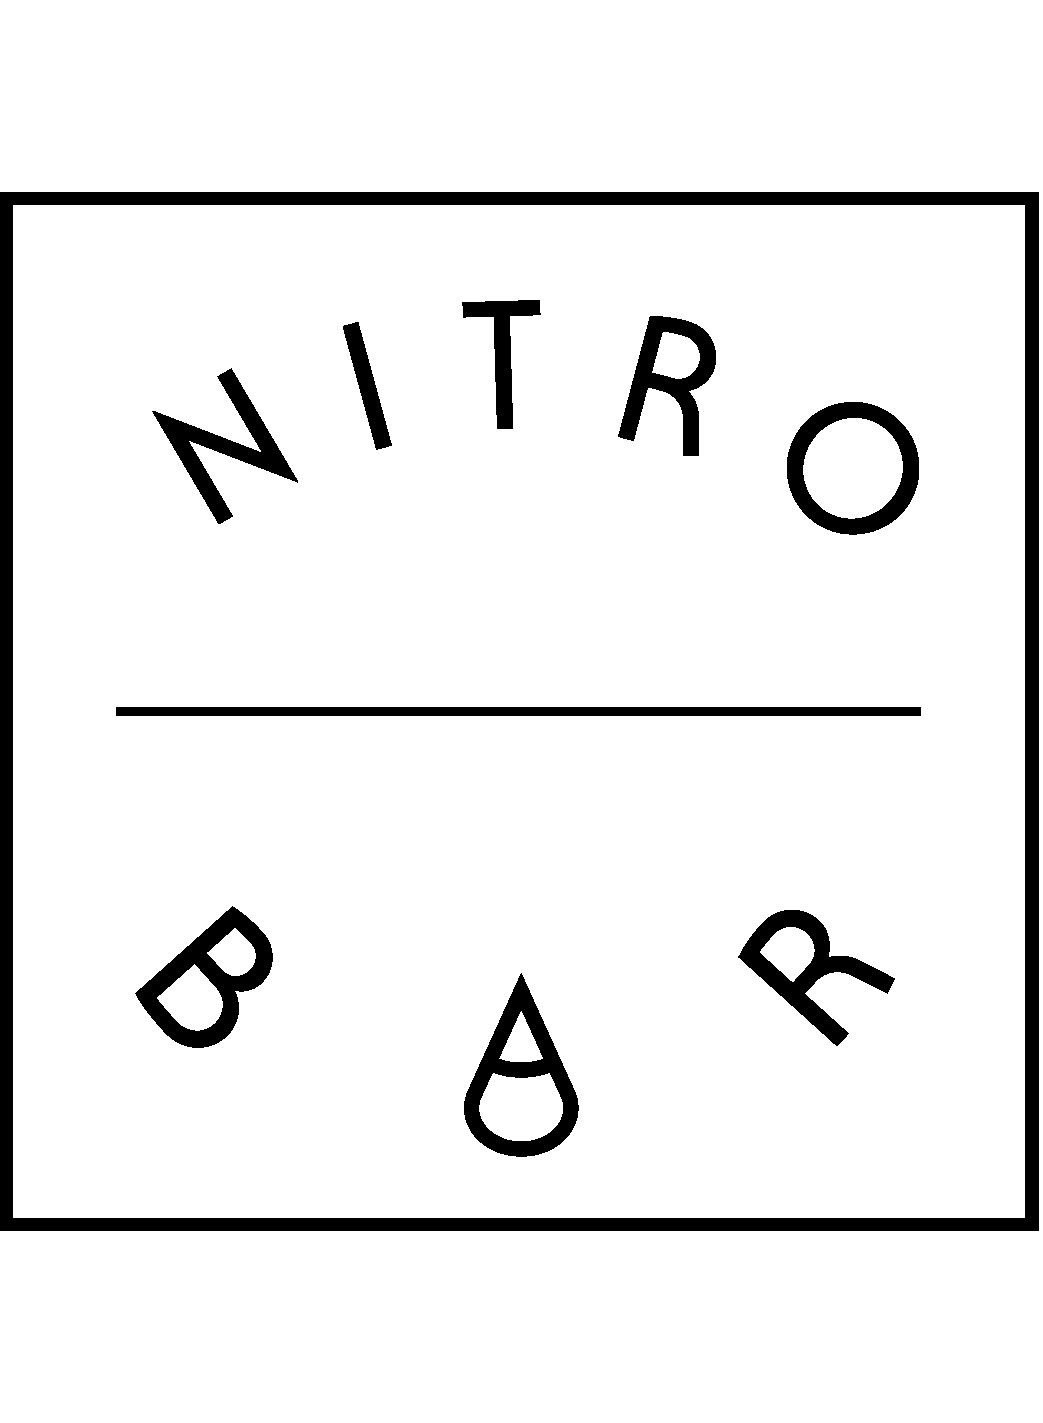 barlogo101.png